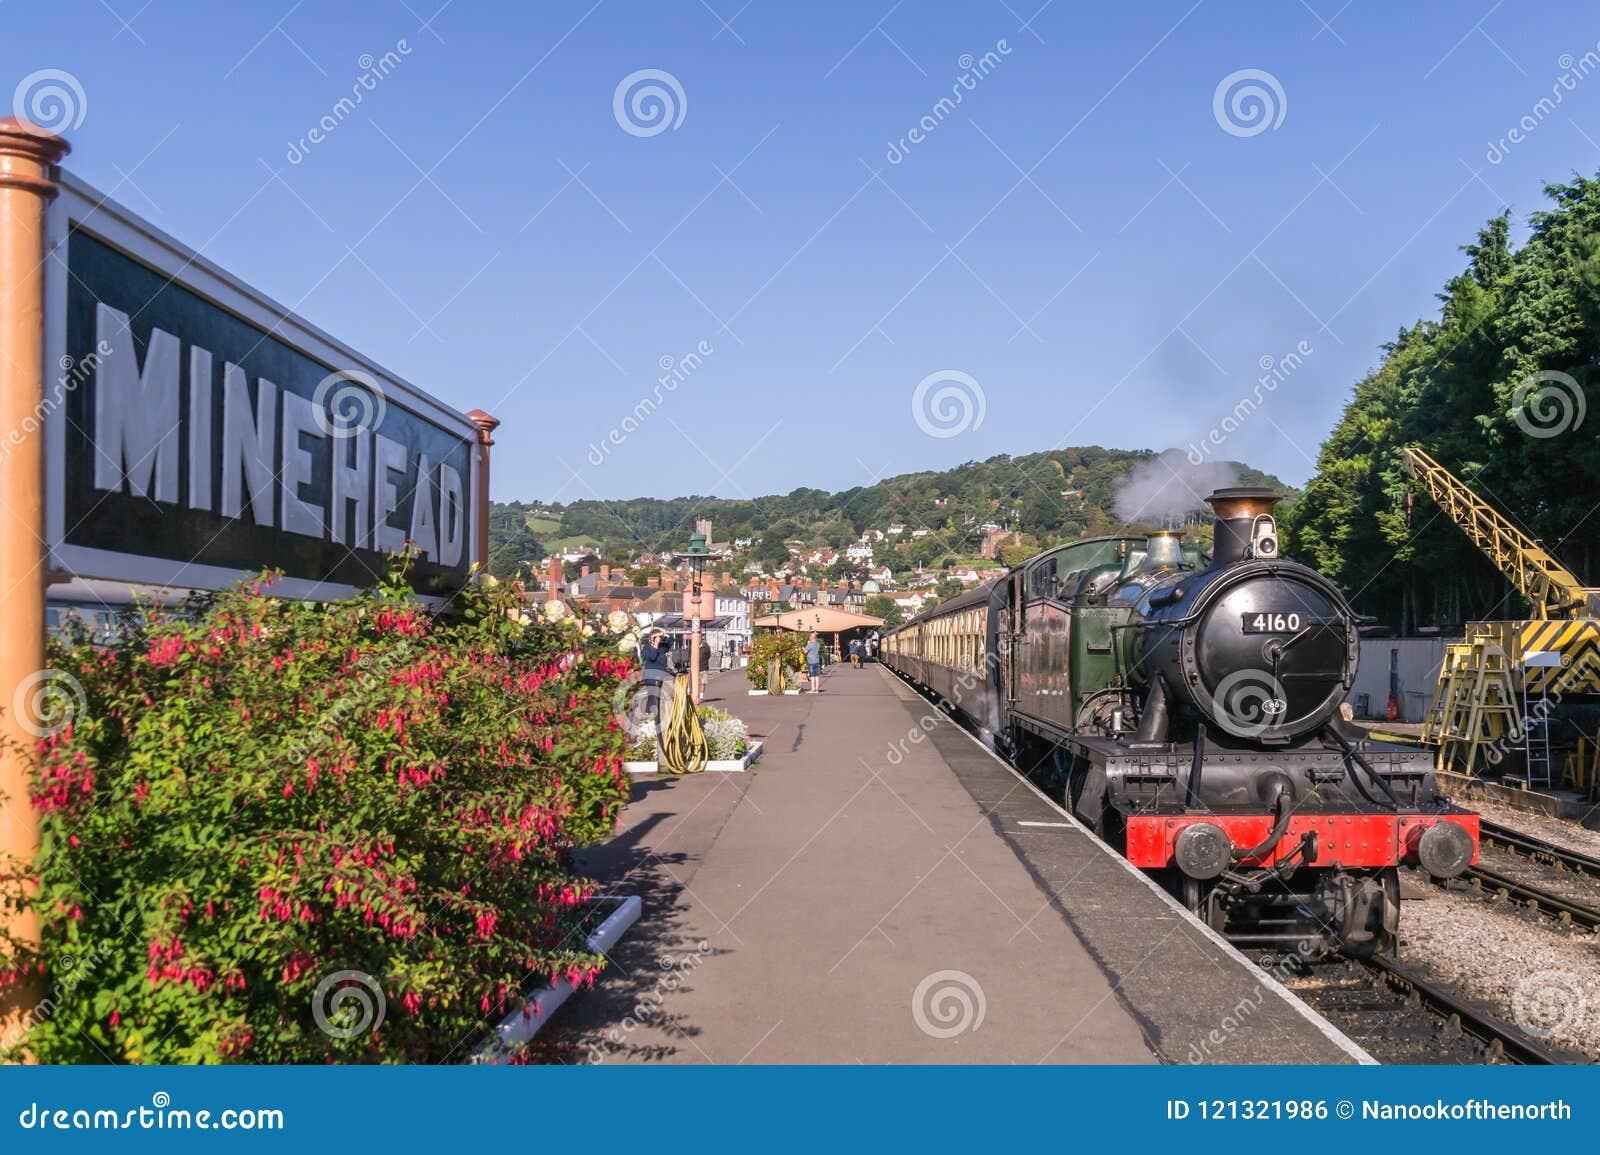 Ατμομηχανή 4160 ατμού στο σταθμό κεφαλών νάρκης, Somerset